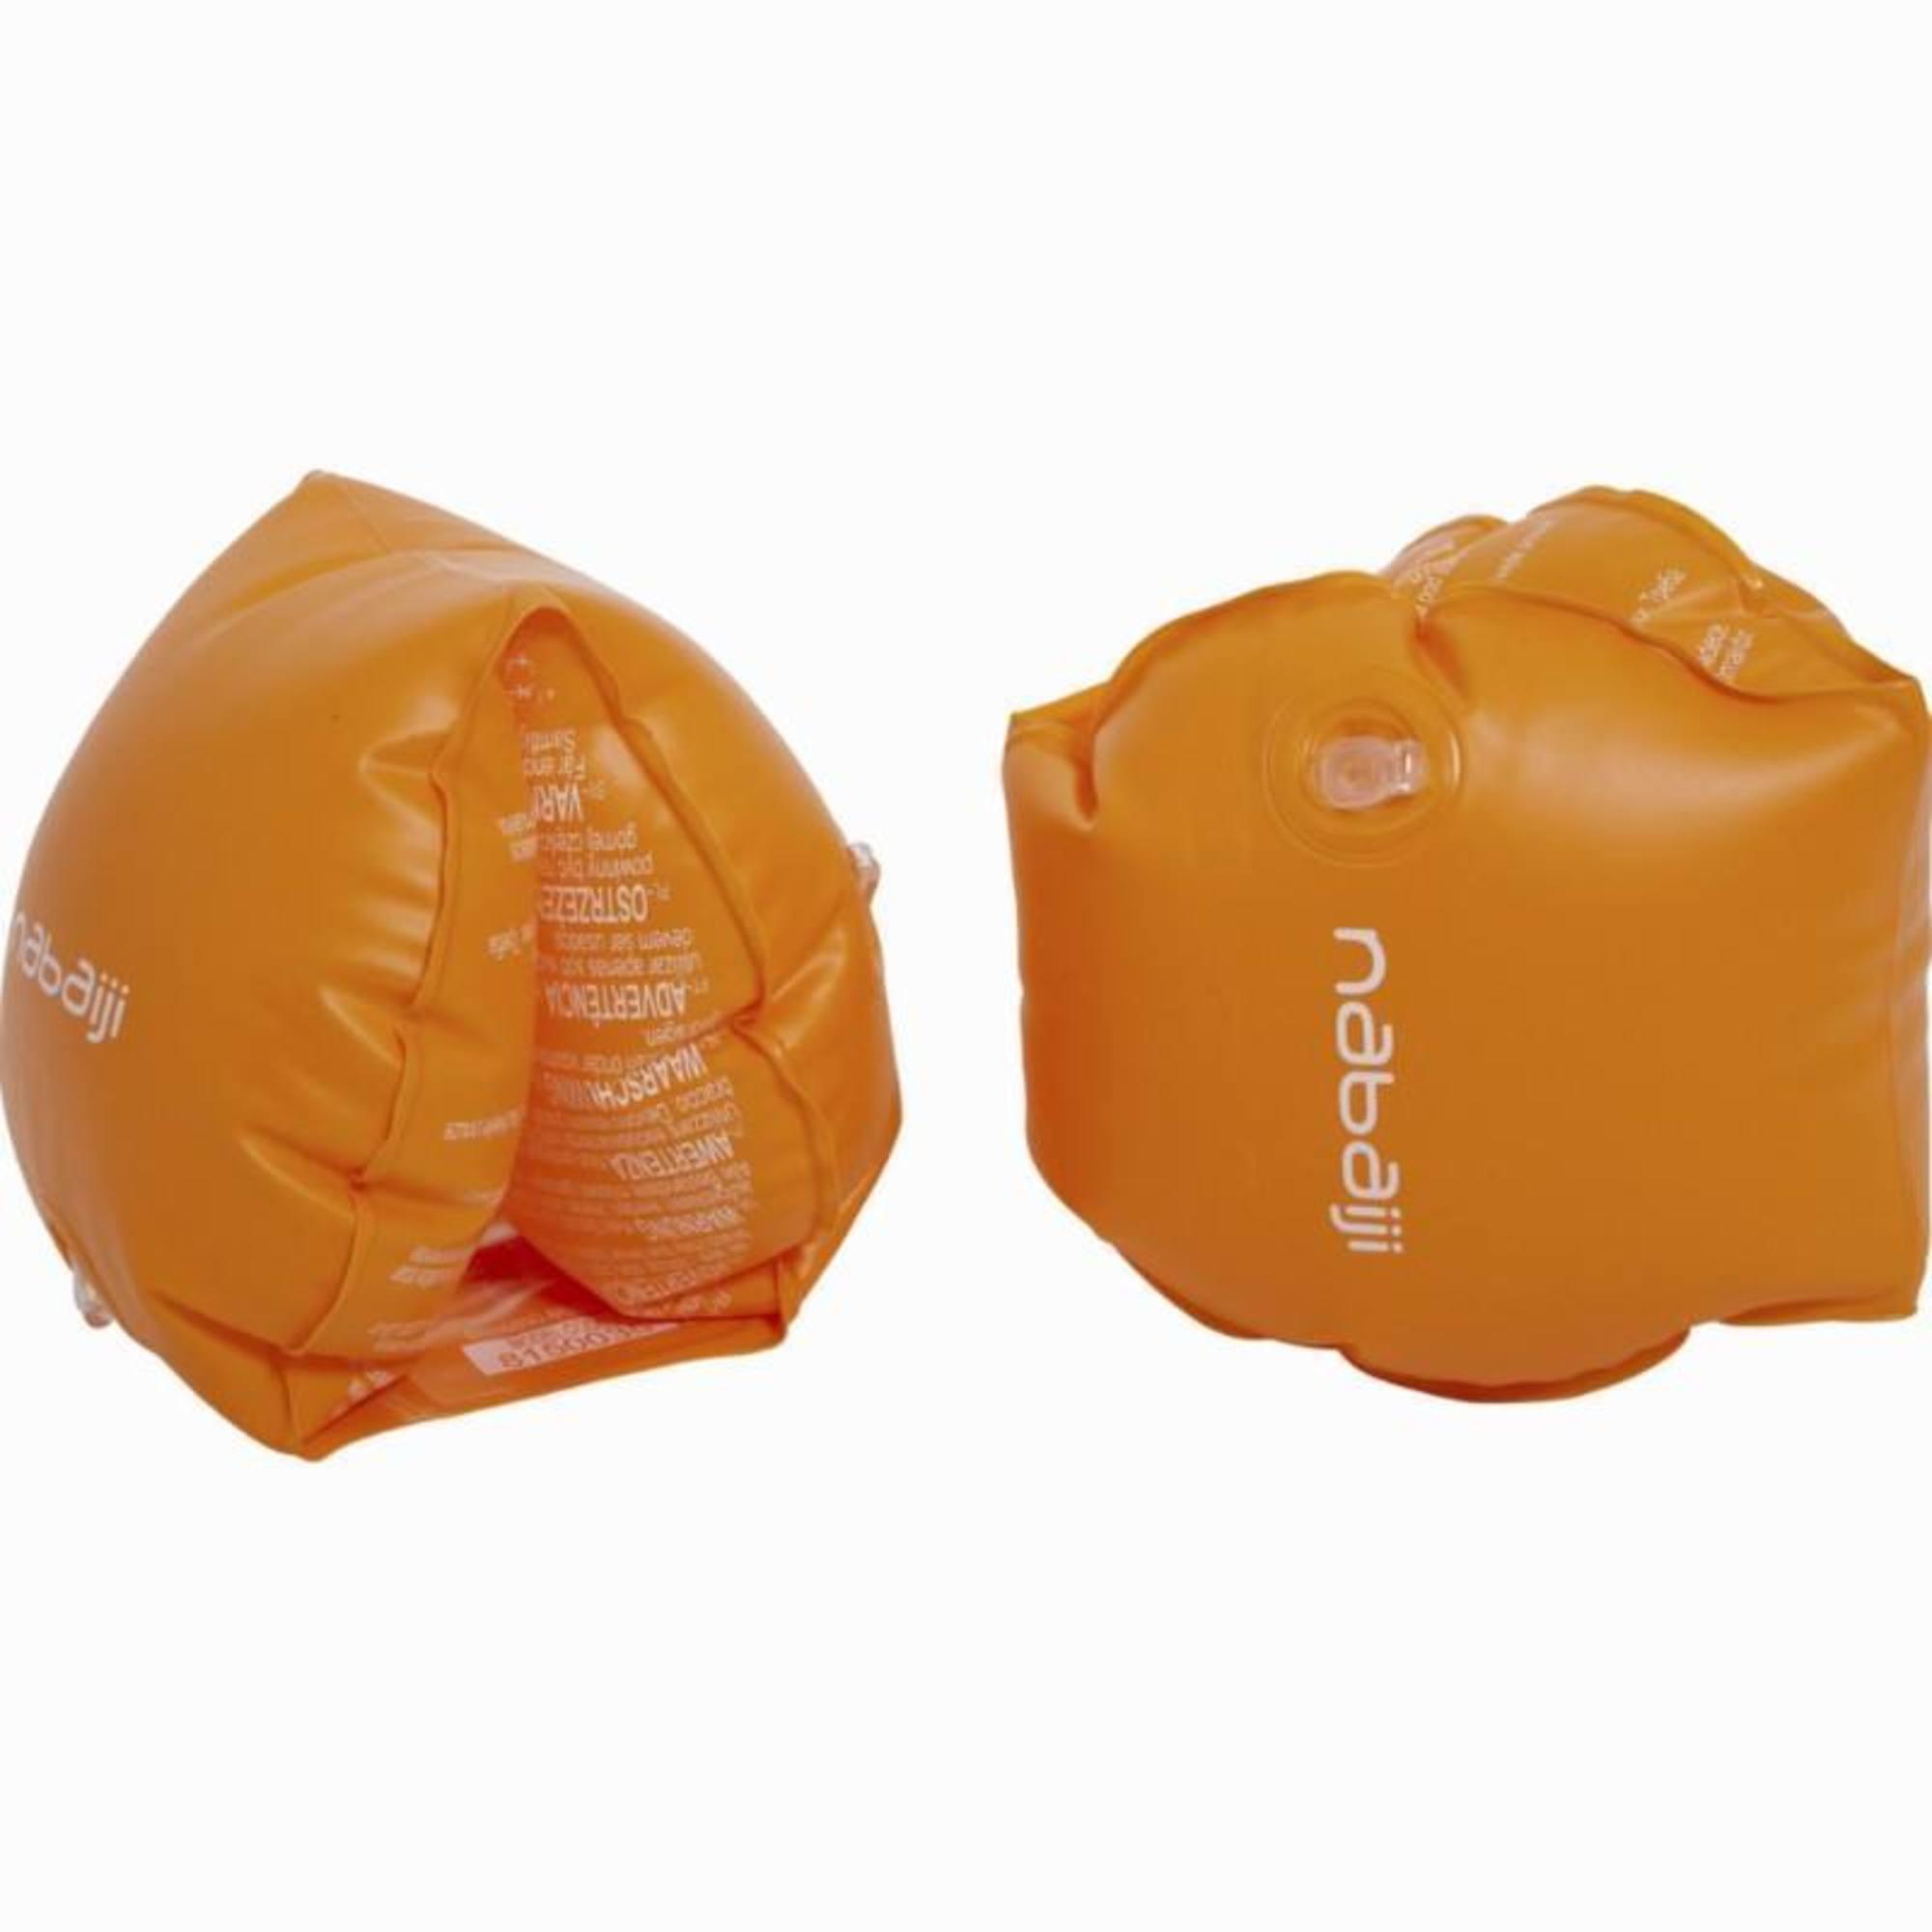 Brassards orange deux chambres de gonflages pour enfants ou adultes de 30-60Kg